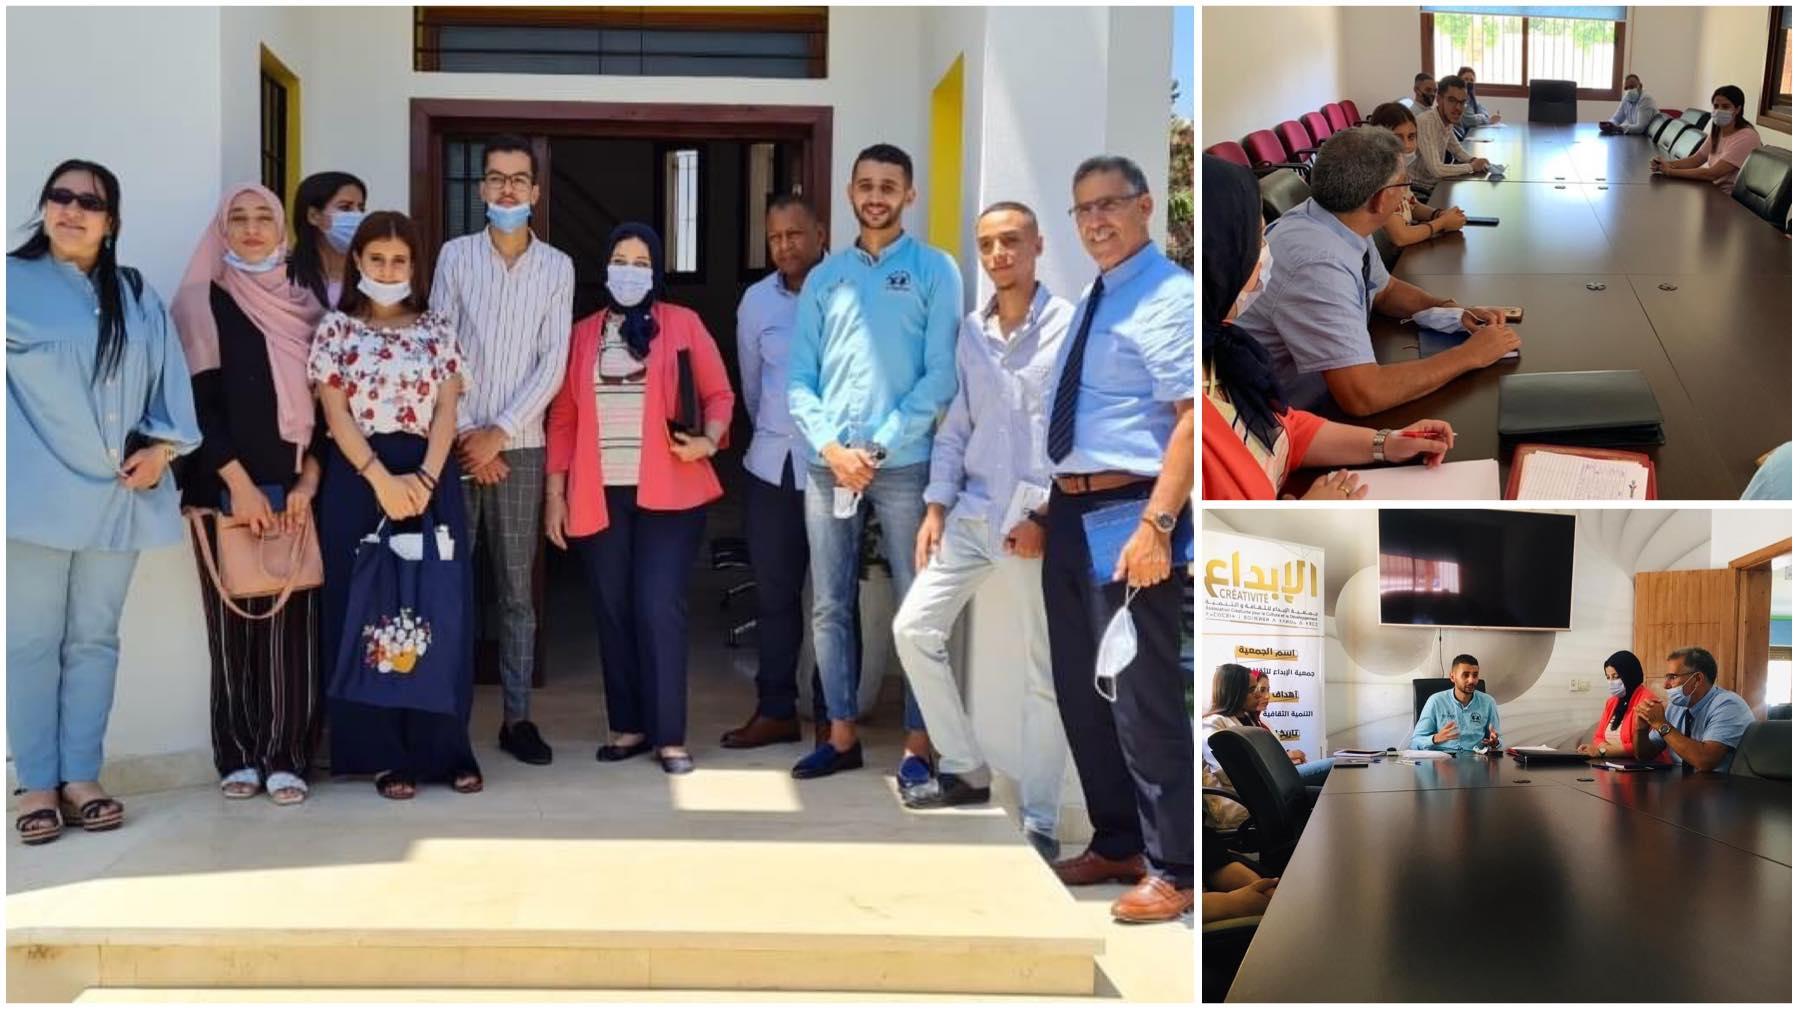 """""""الأبواب المفتوحة لحاملي المشاريع"""" يواصل فعالياته بزيارة لمنصة الشباب بالناظور"""